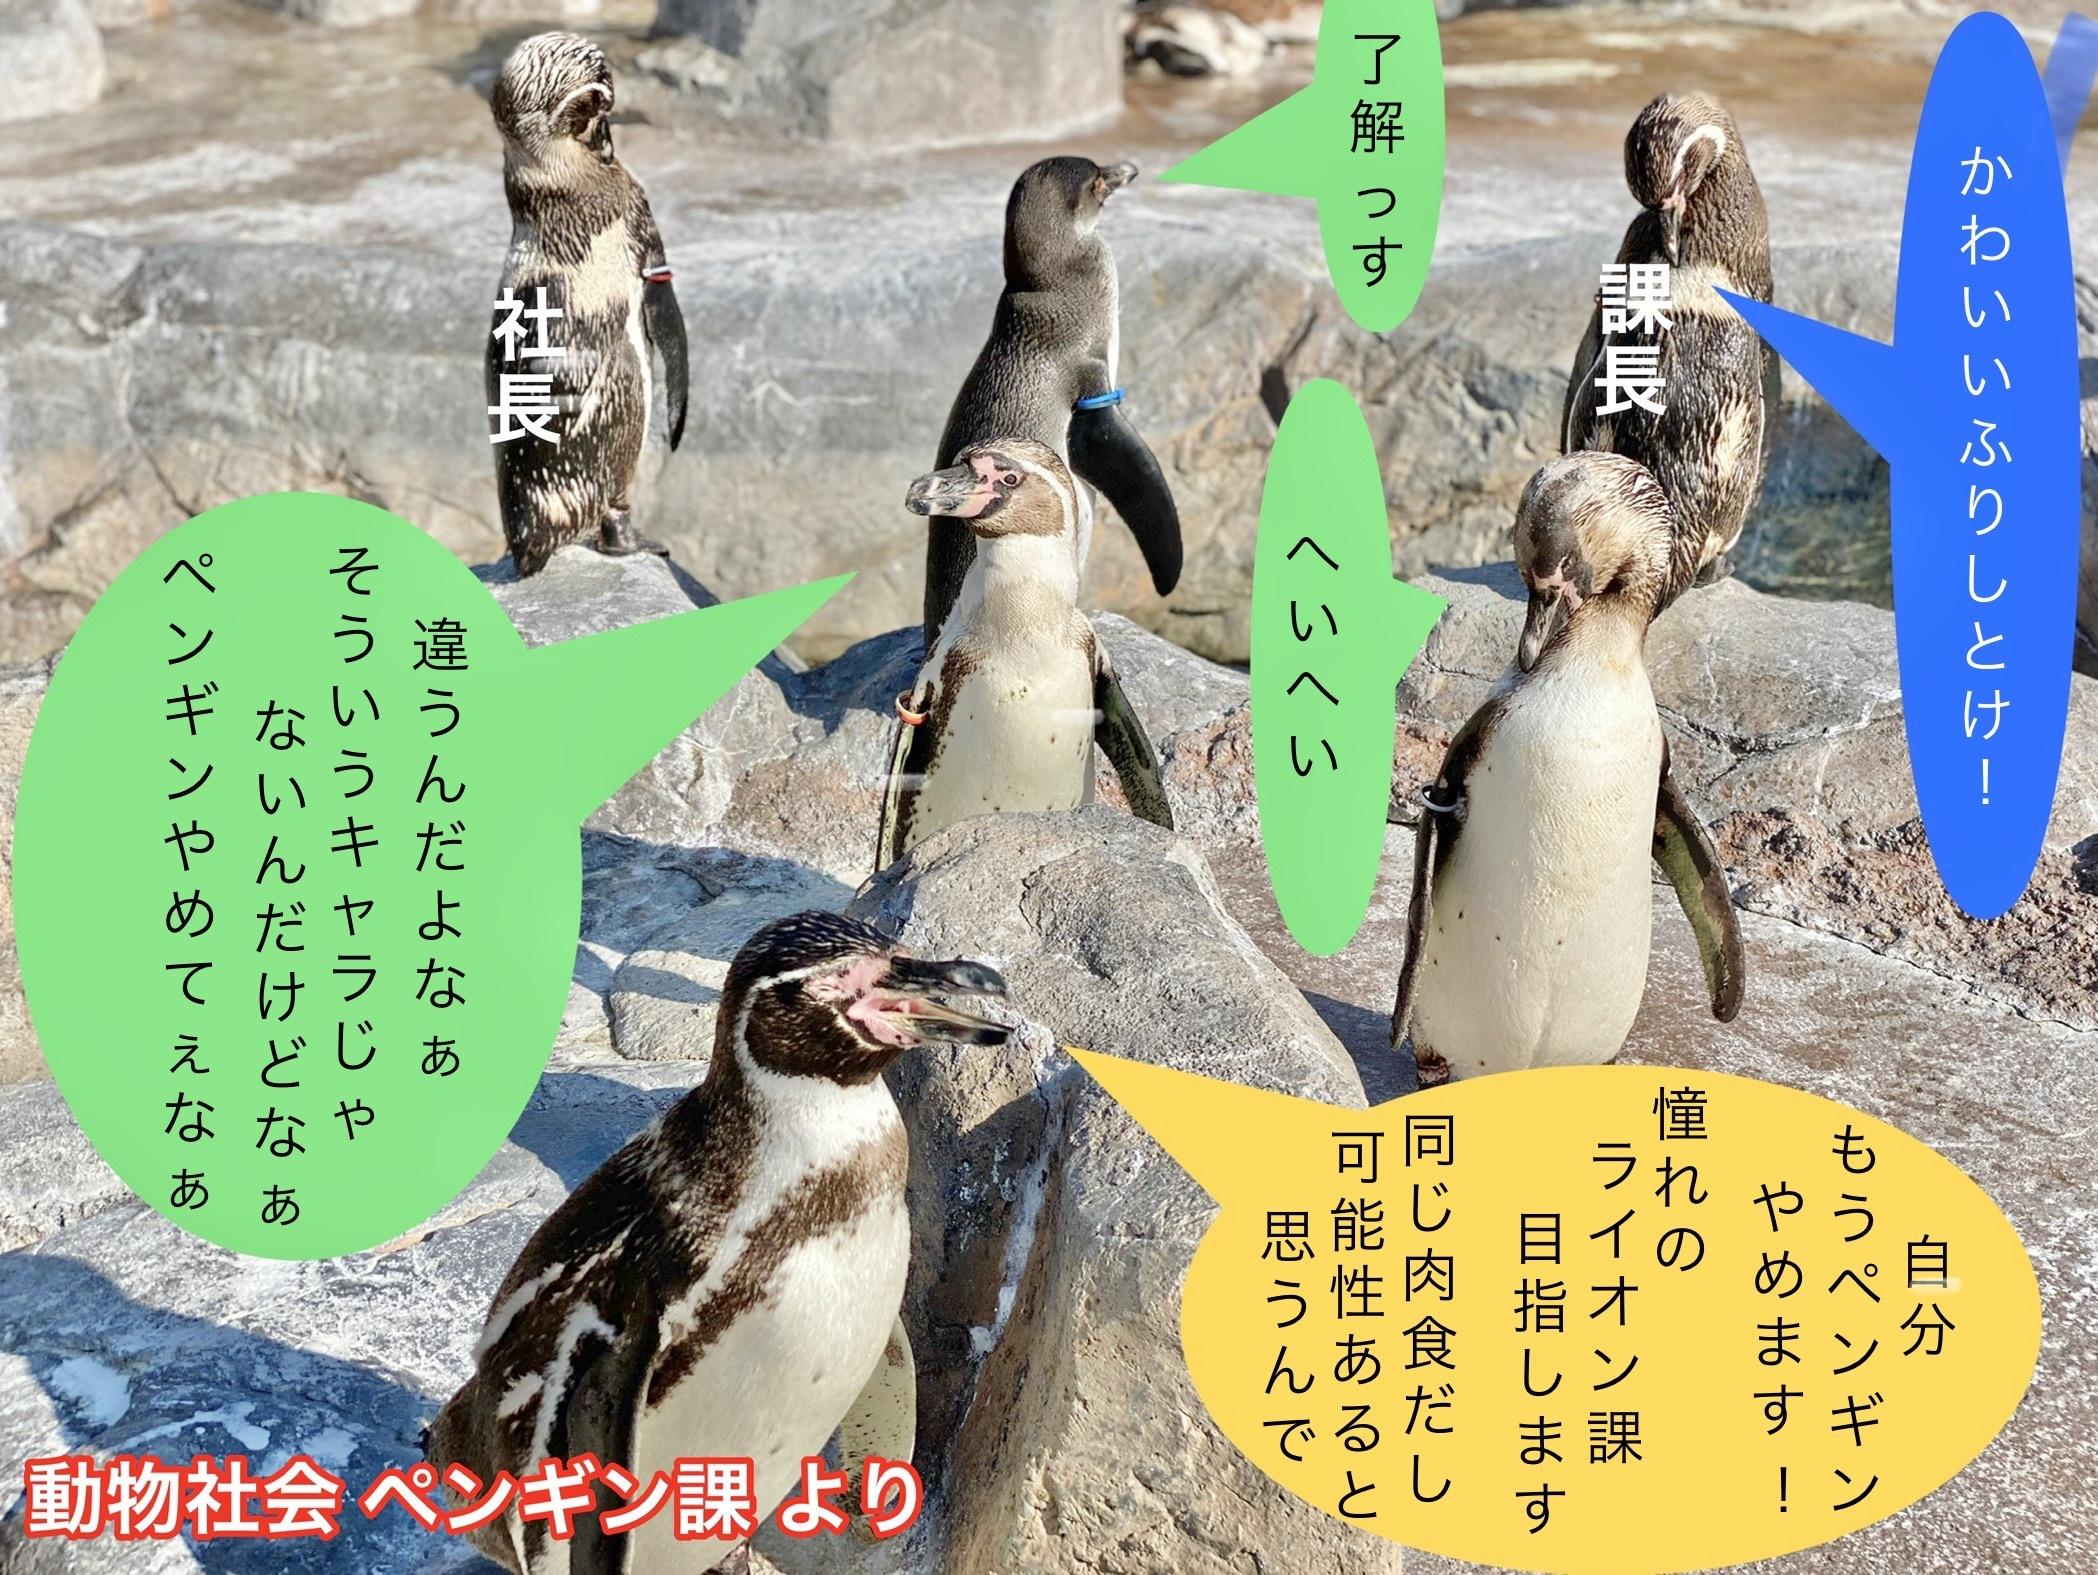 ペンギン課の事情